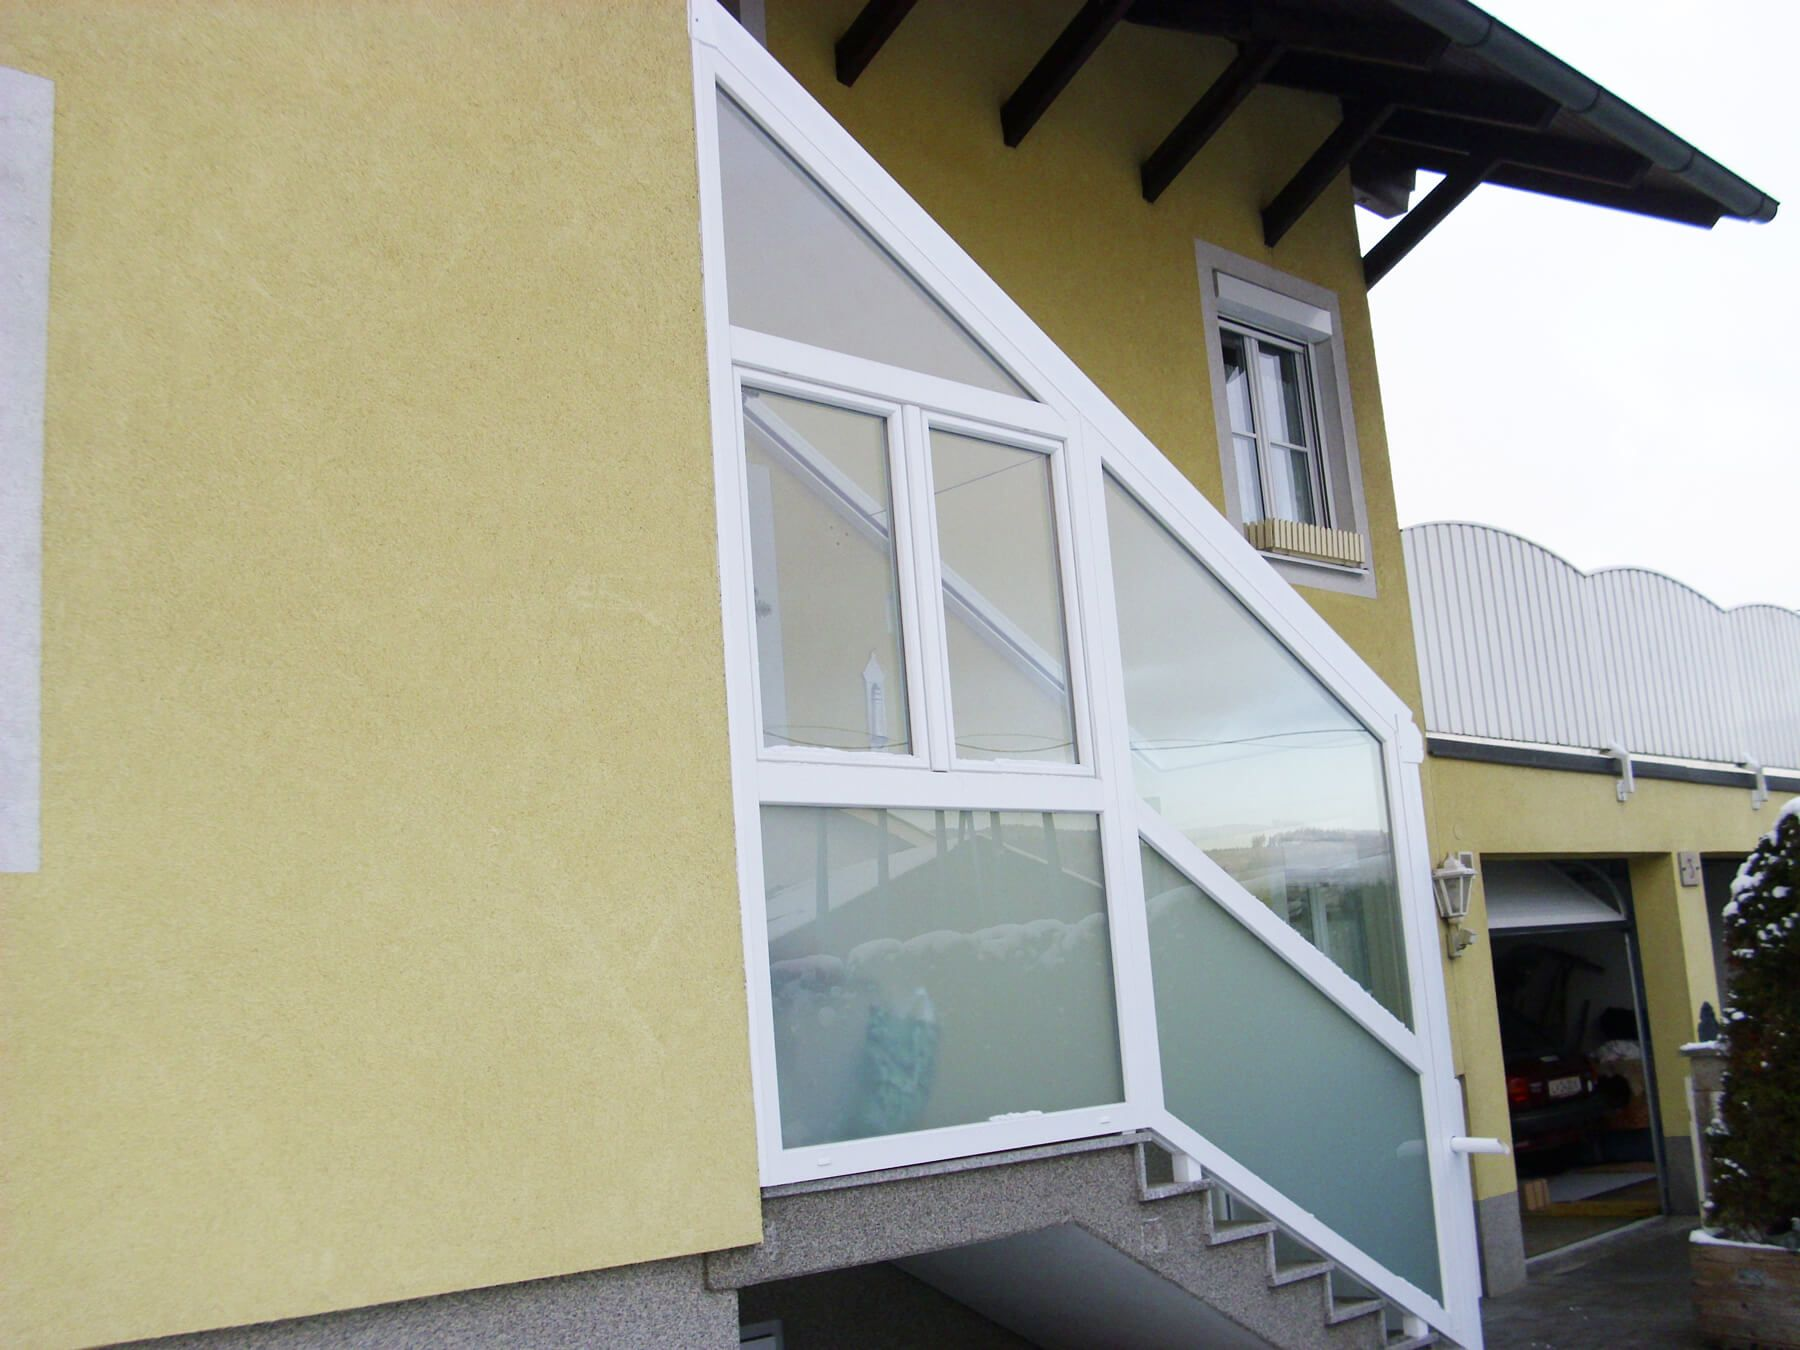 überdachungen Eingangsbereich stiegenaufgang aussen überdachung mit elementen aus kunststoff alu